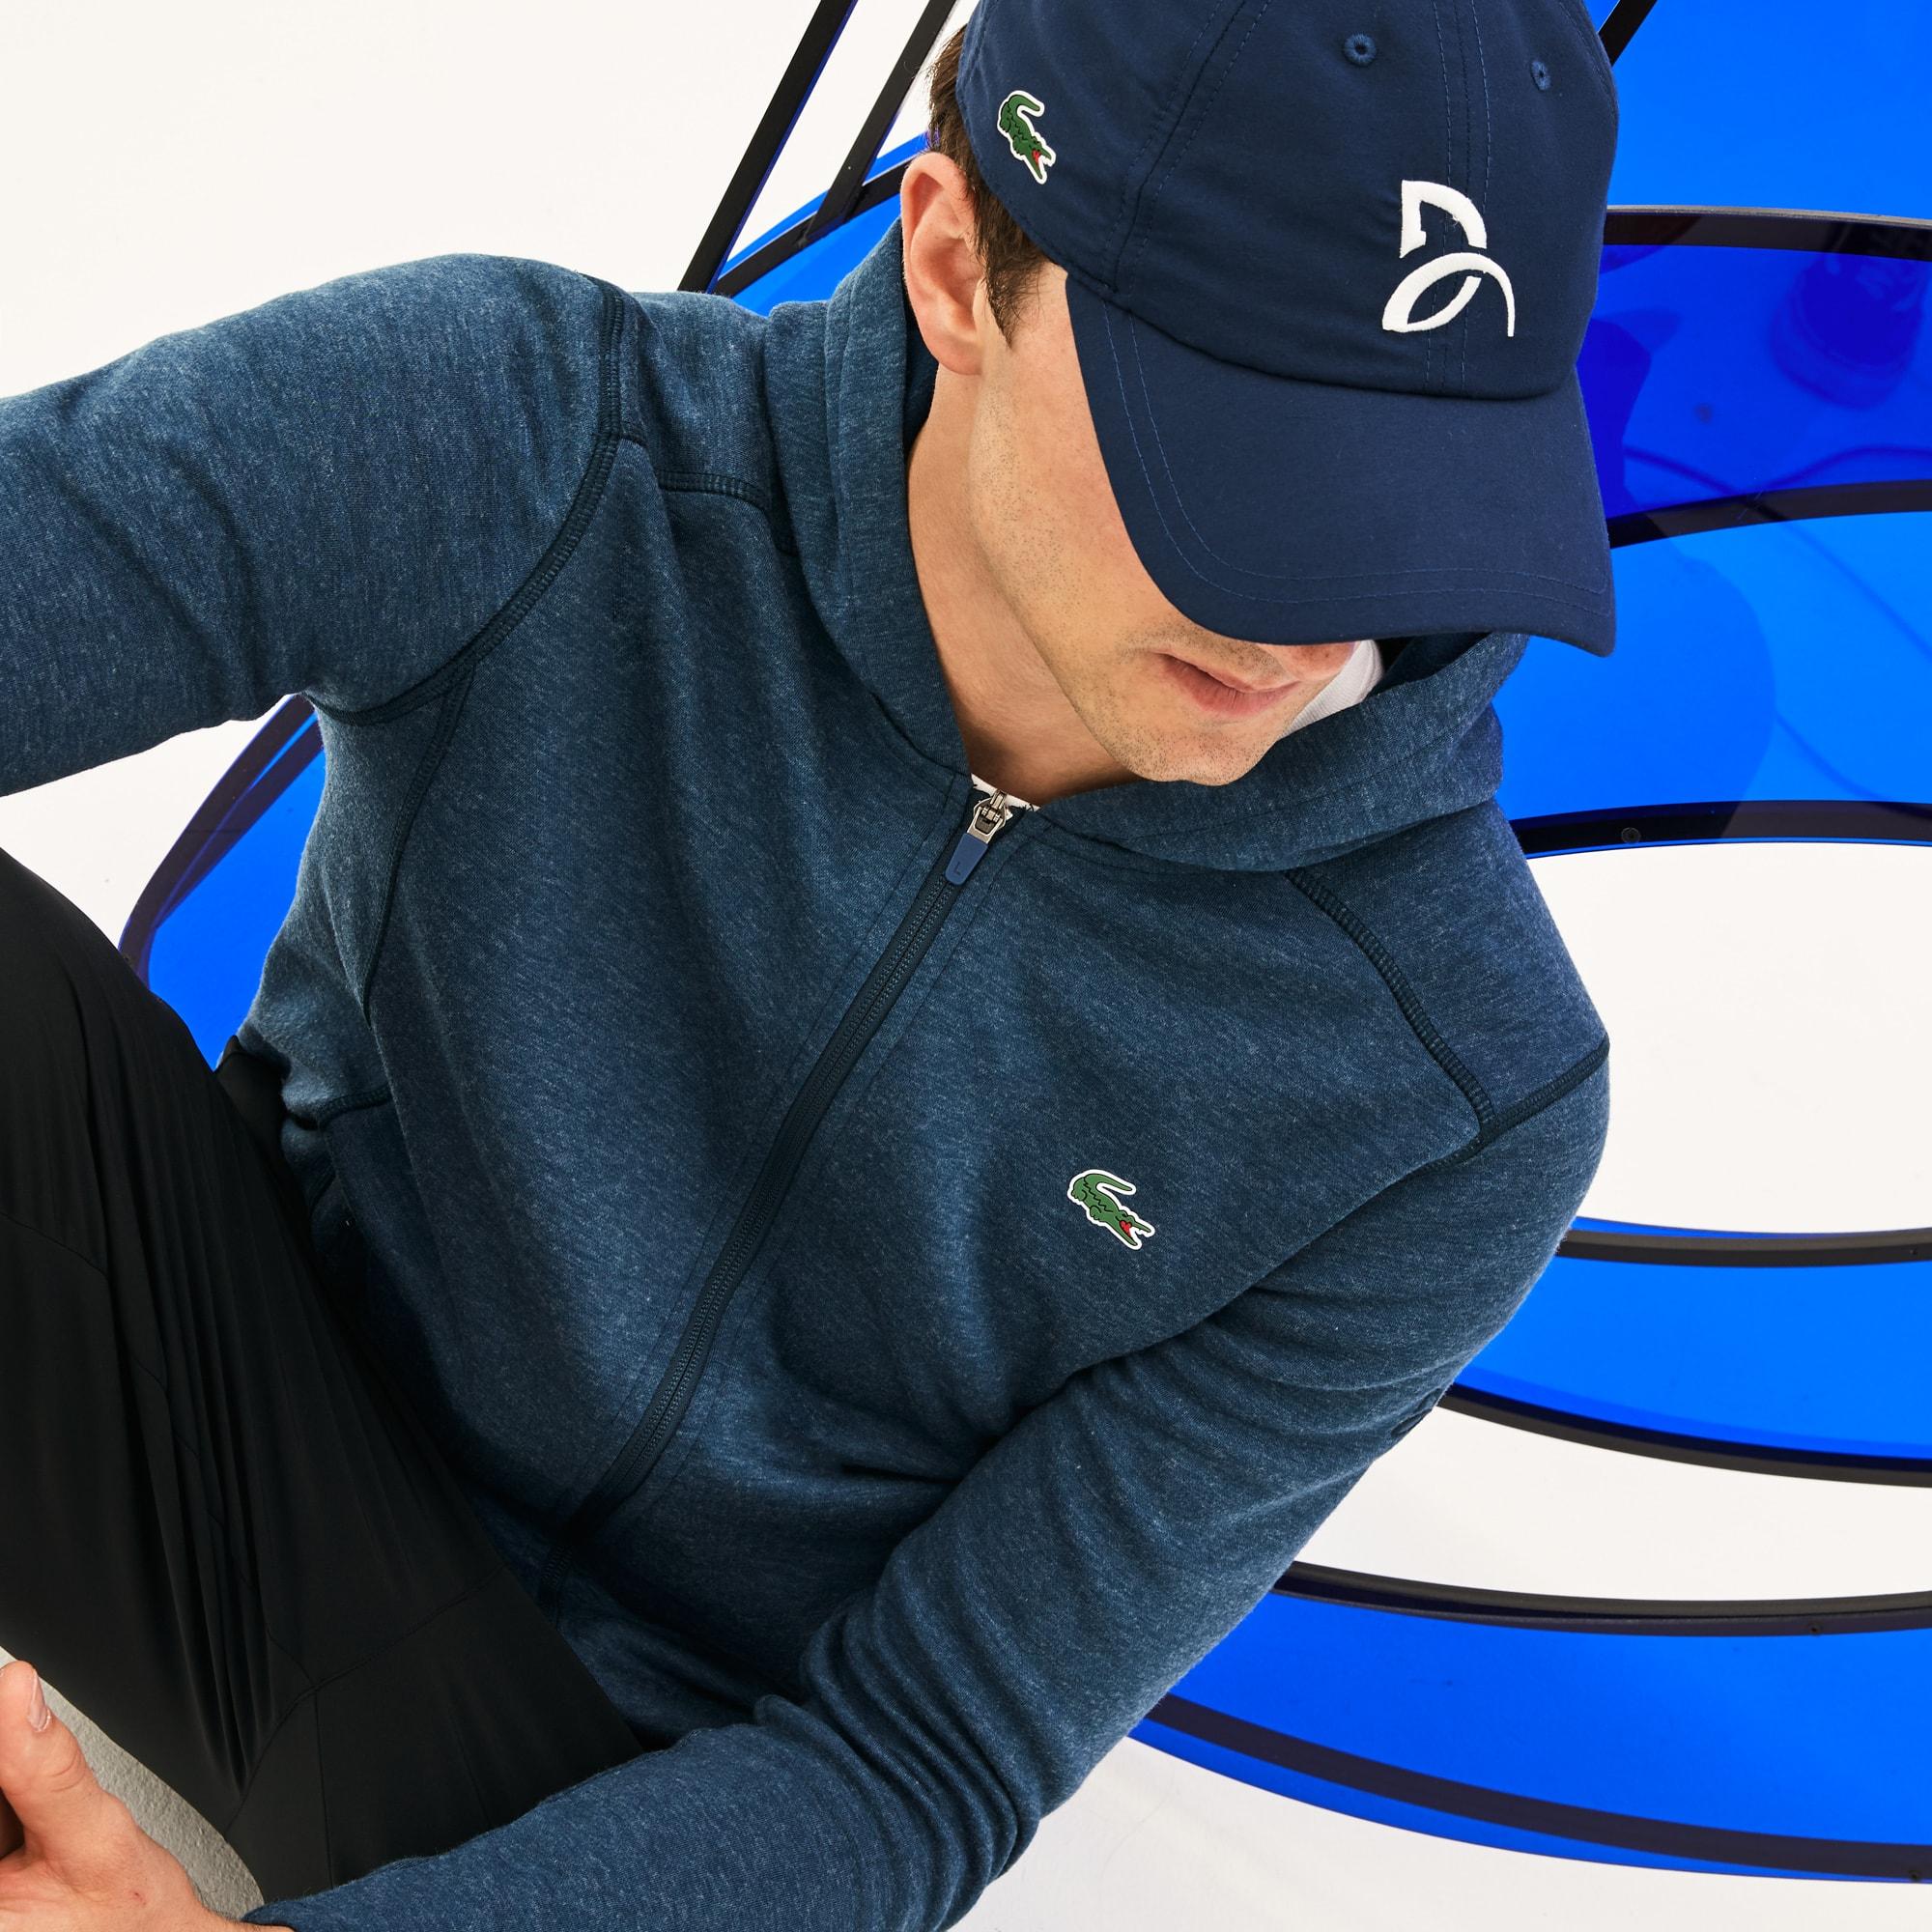 قبعة من نسيج ذي ألياف دقيقة من مجموعة Lacoste Sport Tennis للرجال - مجموعة Support With Style Collection for Novak Djokovic